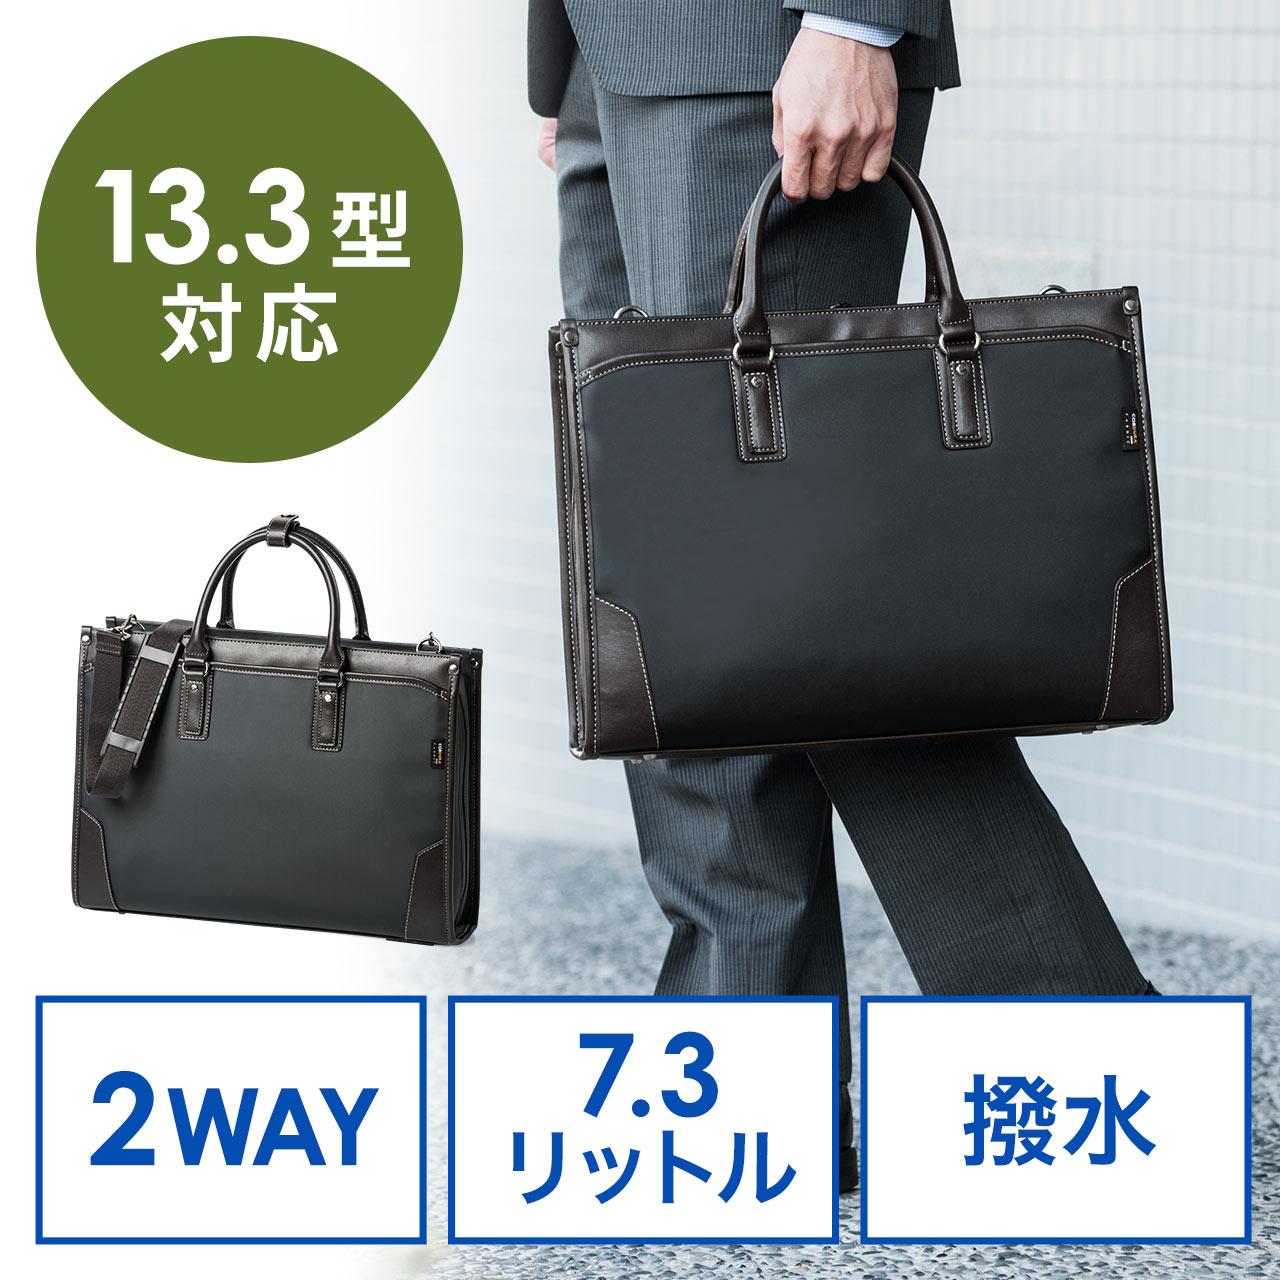 ビジネスバッグ(CORDURA・肩掛け・ショルダー・A4サイズ対応・13.3型まで対応・ブラック) サンワダイレクト サンワサプライ 200-BAG137BK